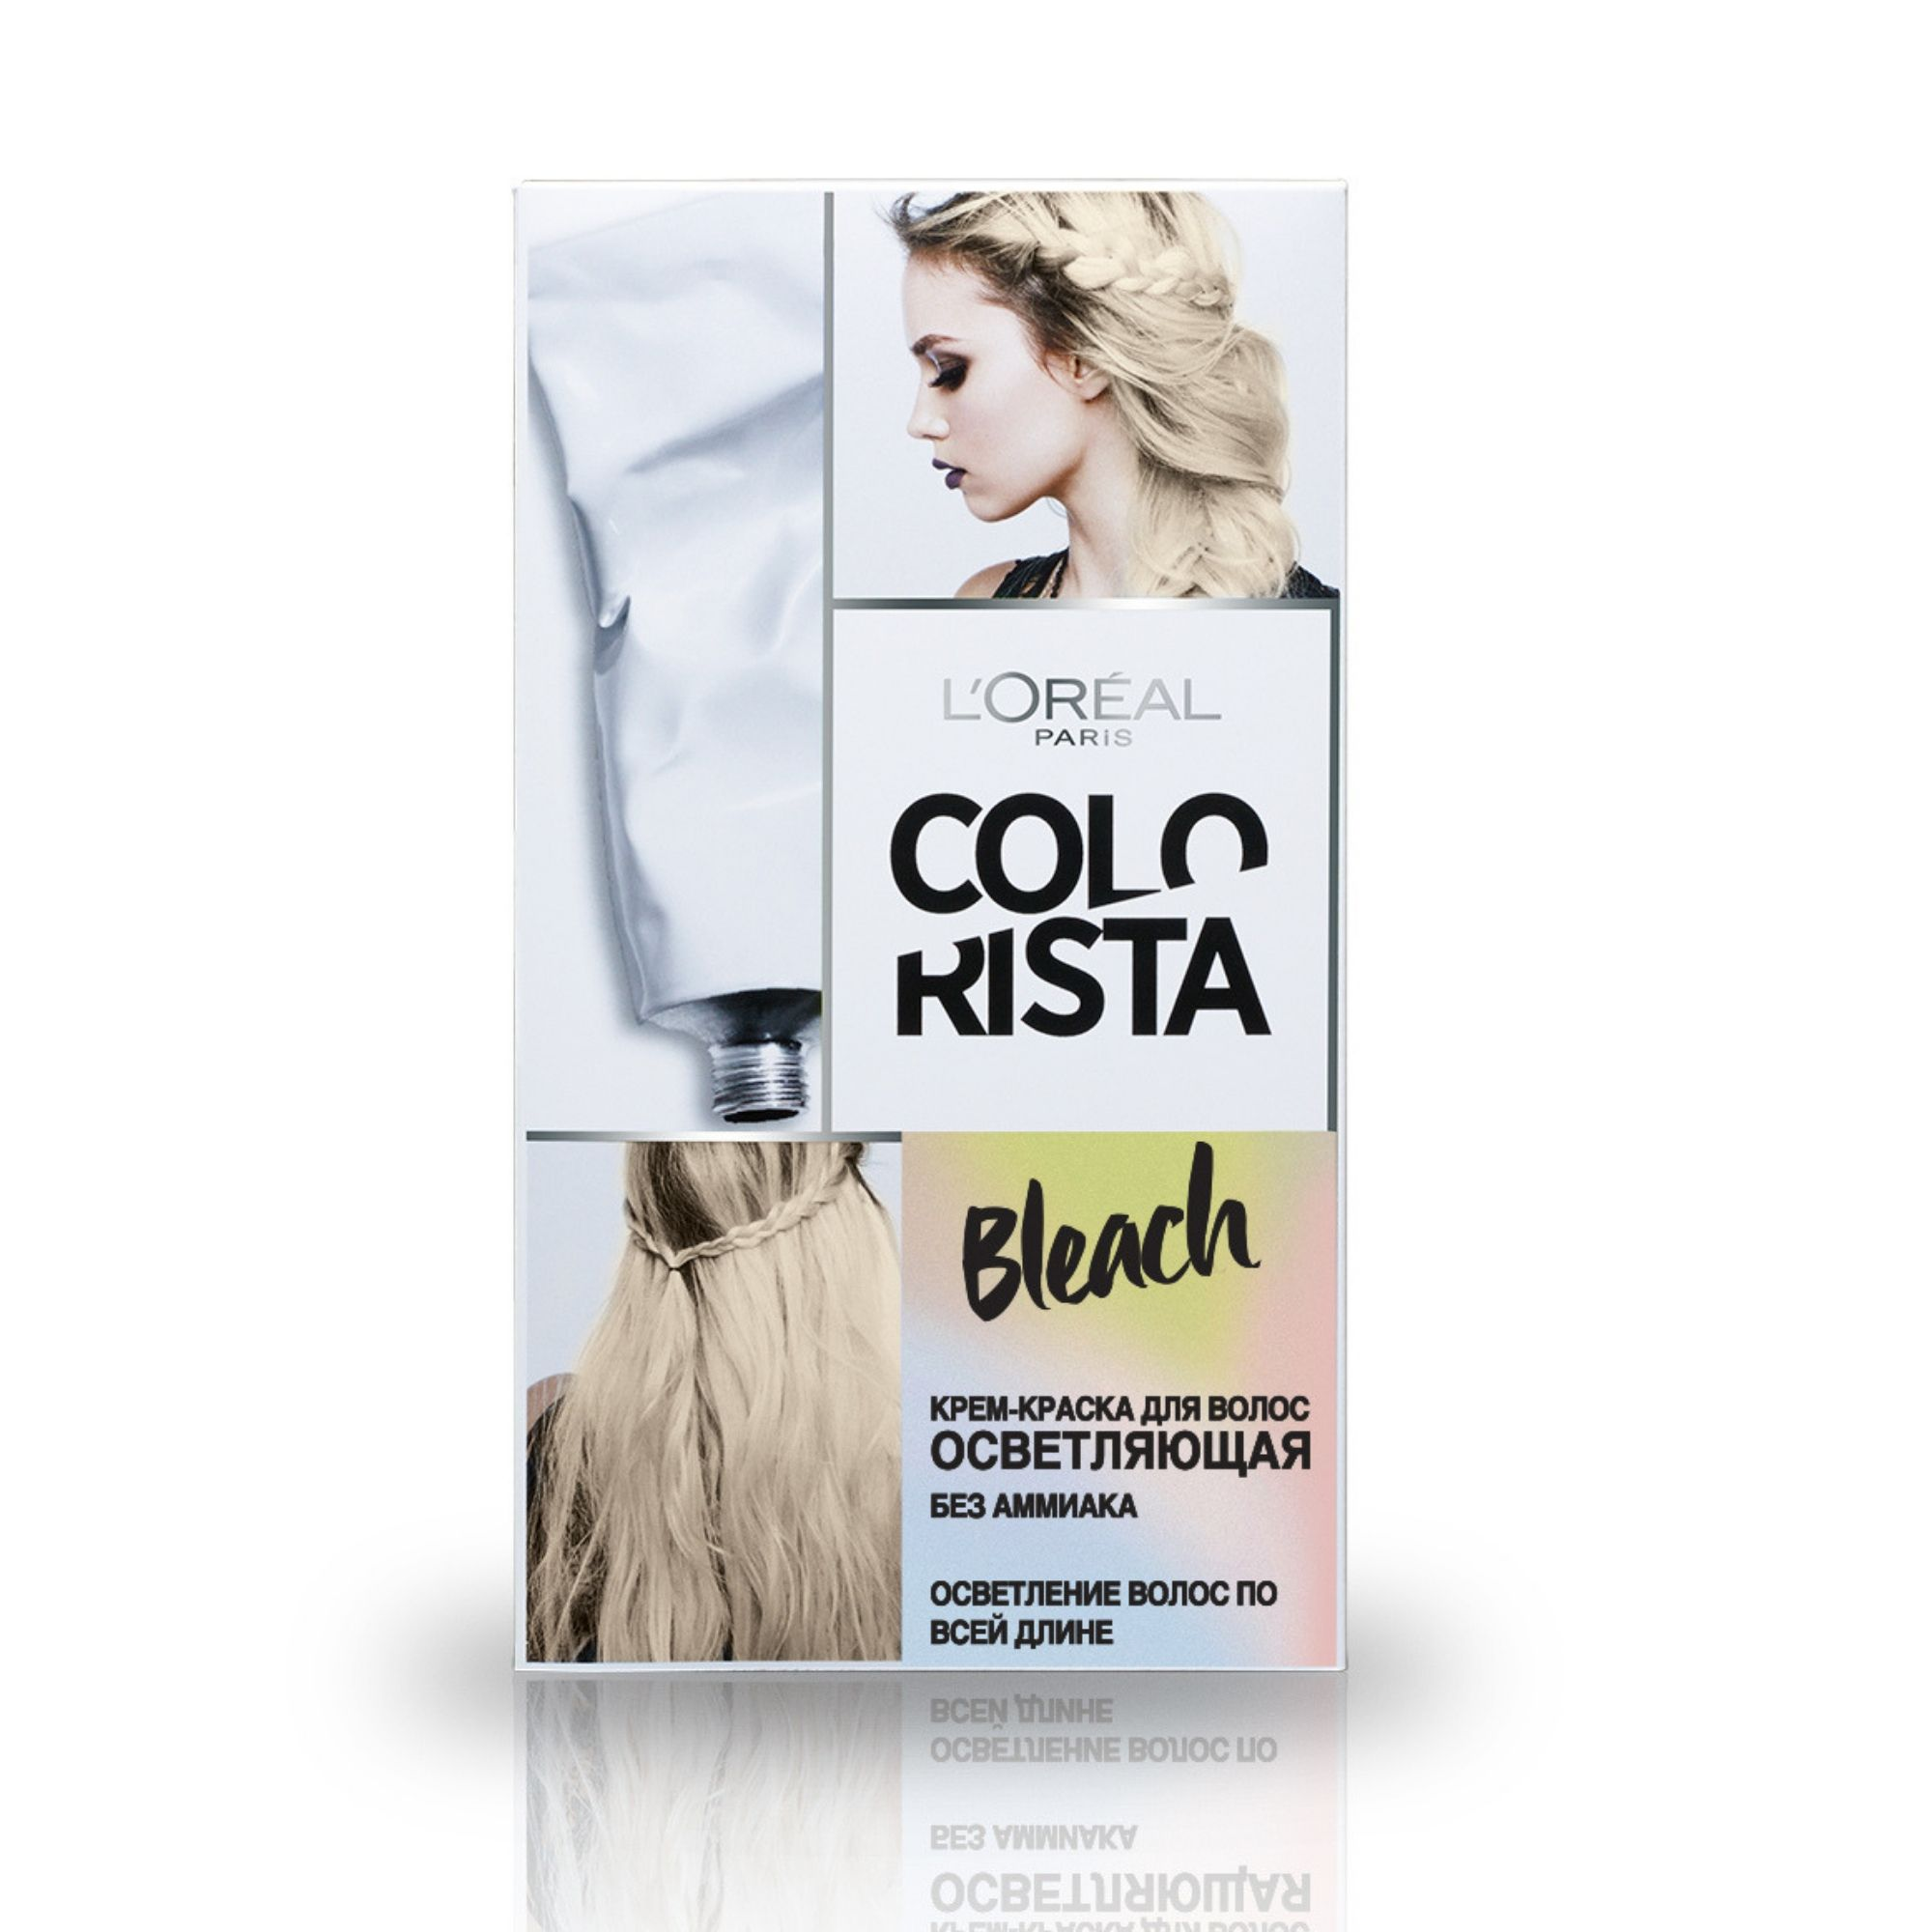 Миниатюра Осветлитель для волос L'Oreal Paris Colorista Effect Bleach 07 №1